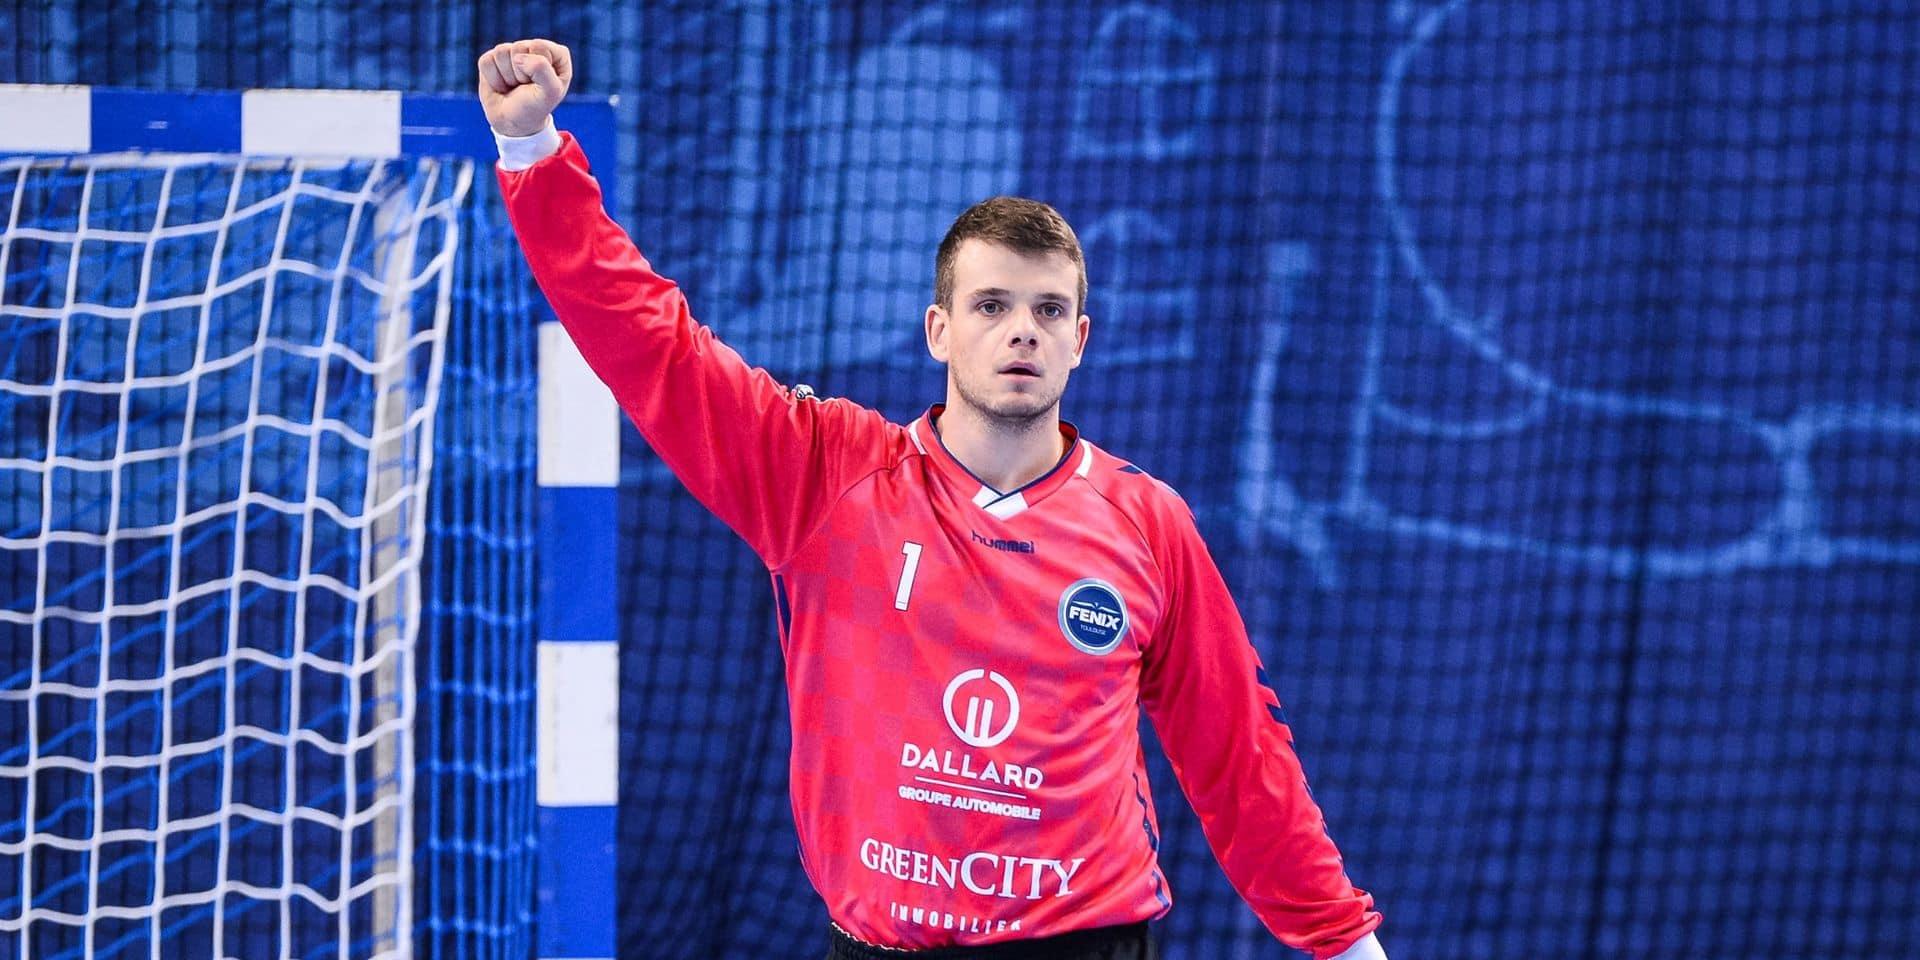 Handball: l'arrêt impressionnant du Belge Jef Lettens en EHF European League sur un penalty à la dernière seconde (VIDEO)